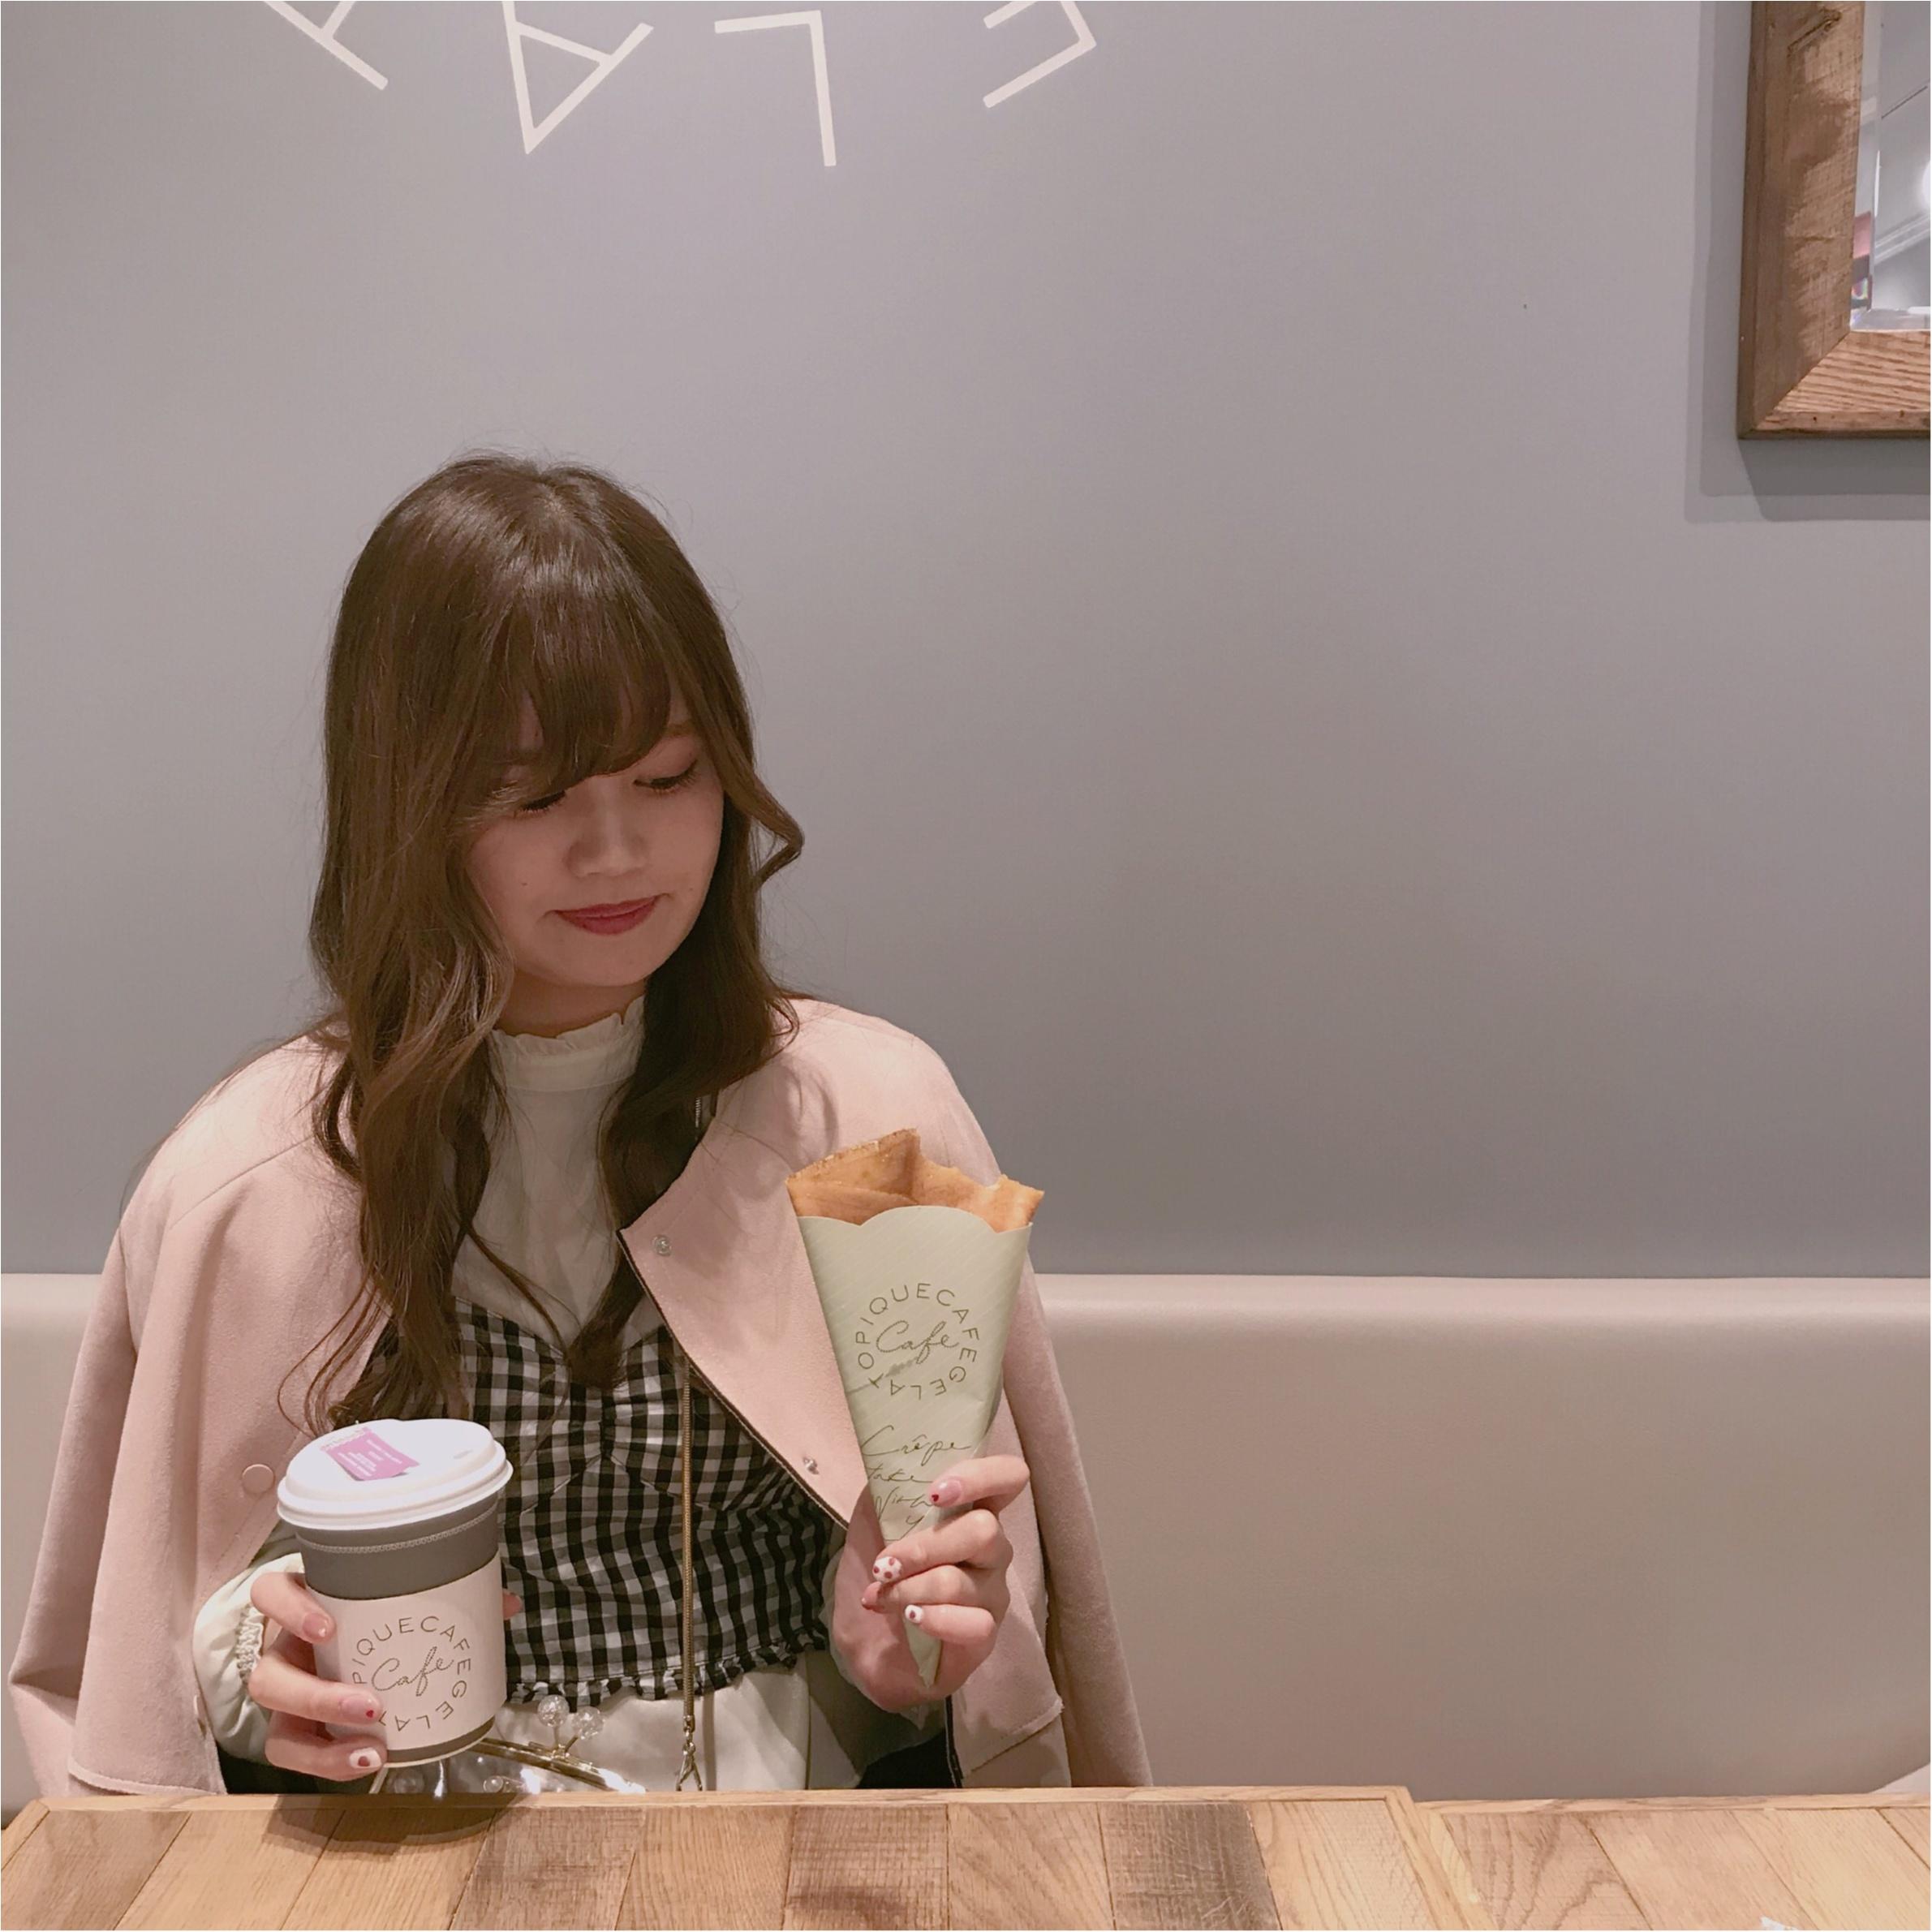 ご当地カフェ❤︎木更津に行ったら絶対行くべきカフェ3選を紹介します!_4